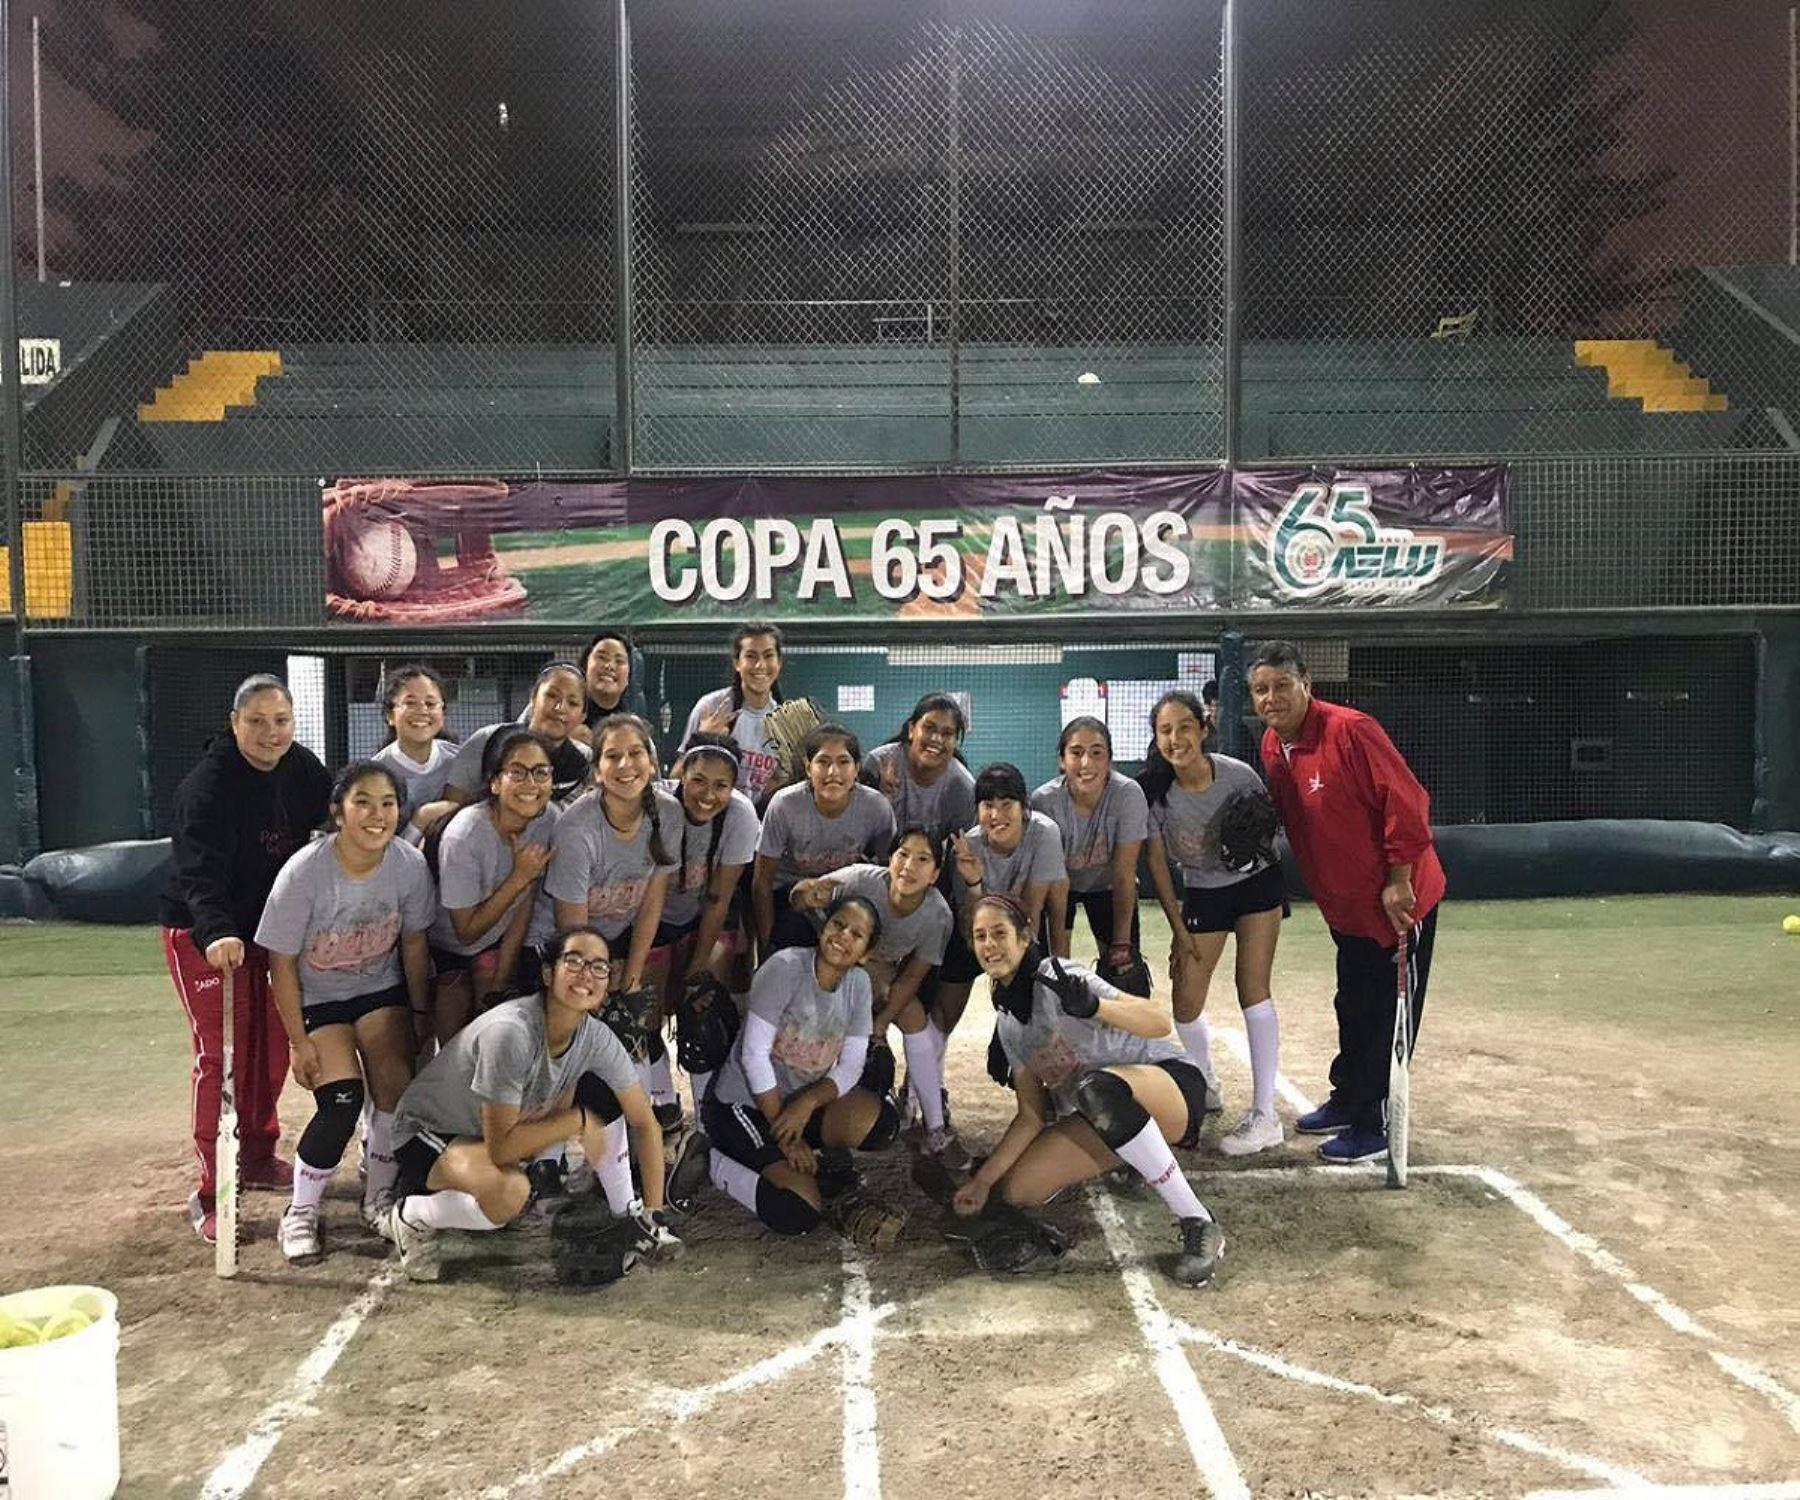 La selección peruana lista para luchar por el título sudamericano de softbol